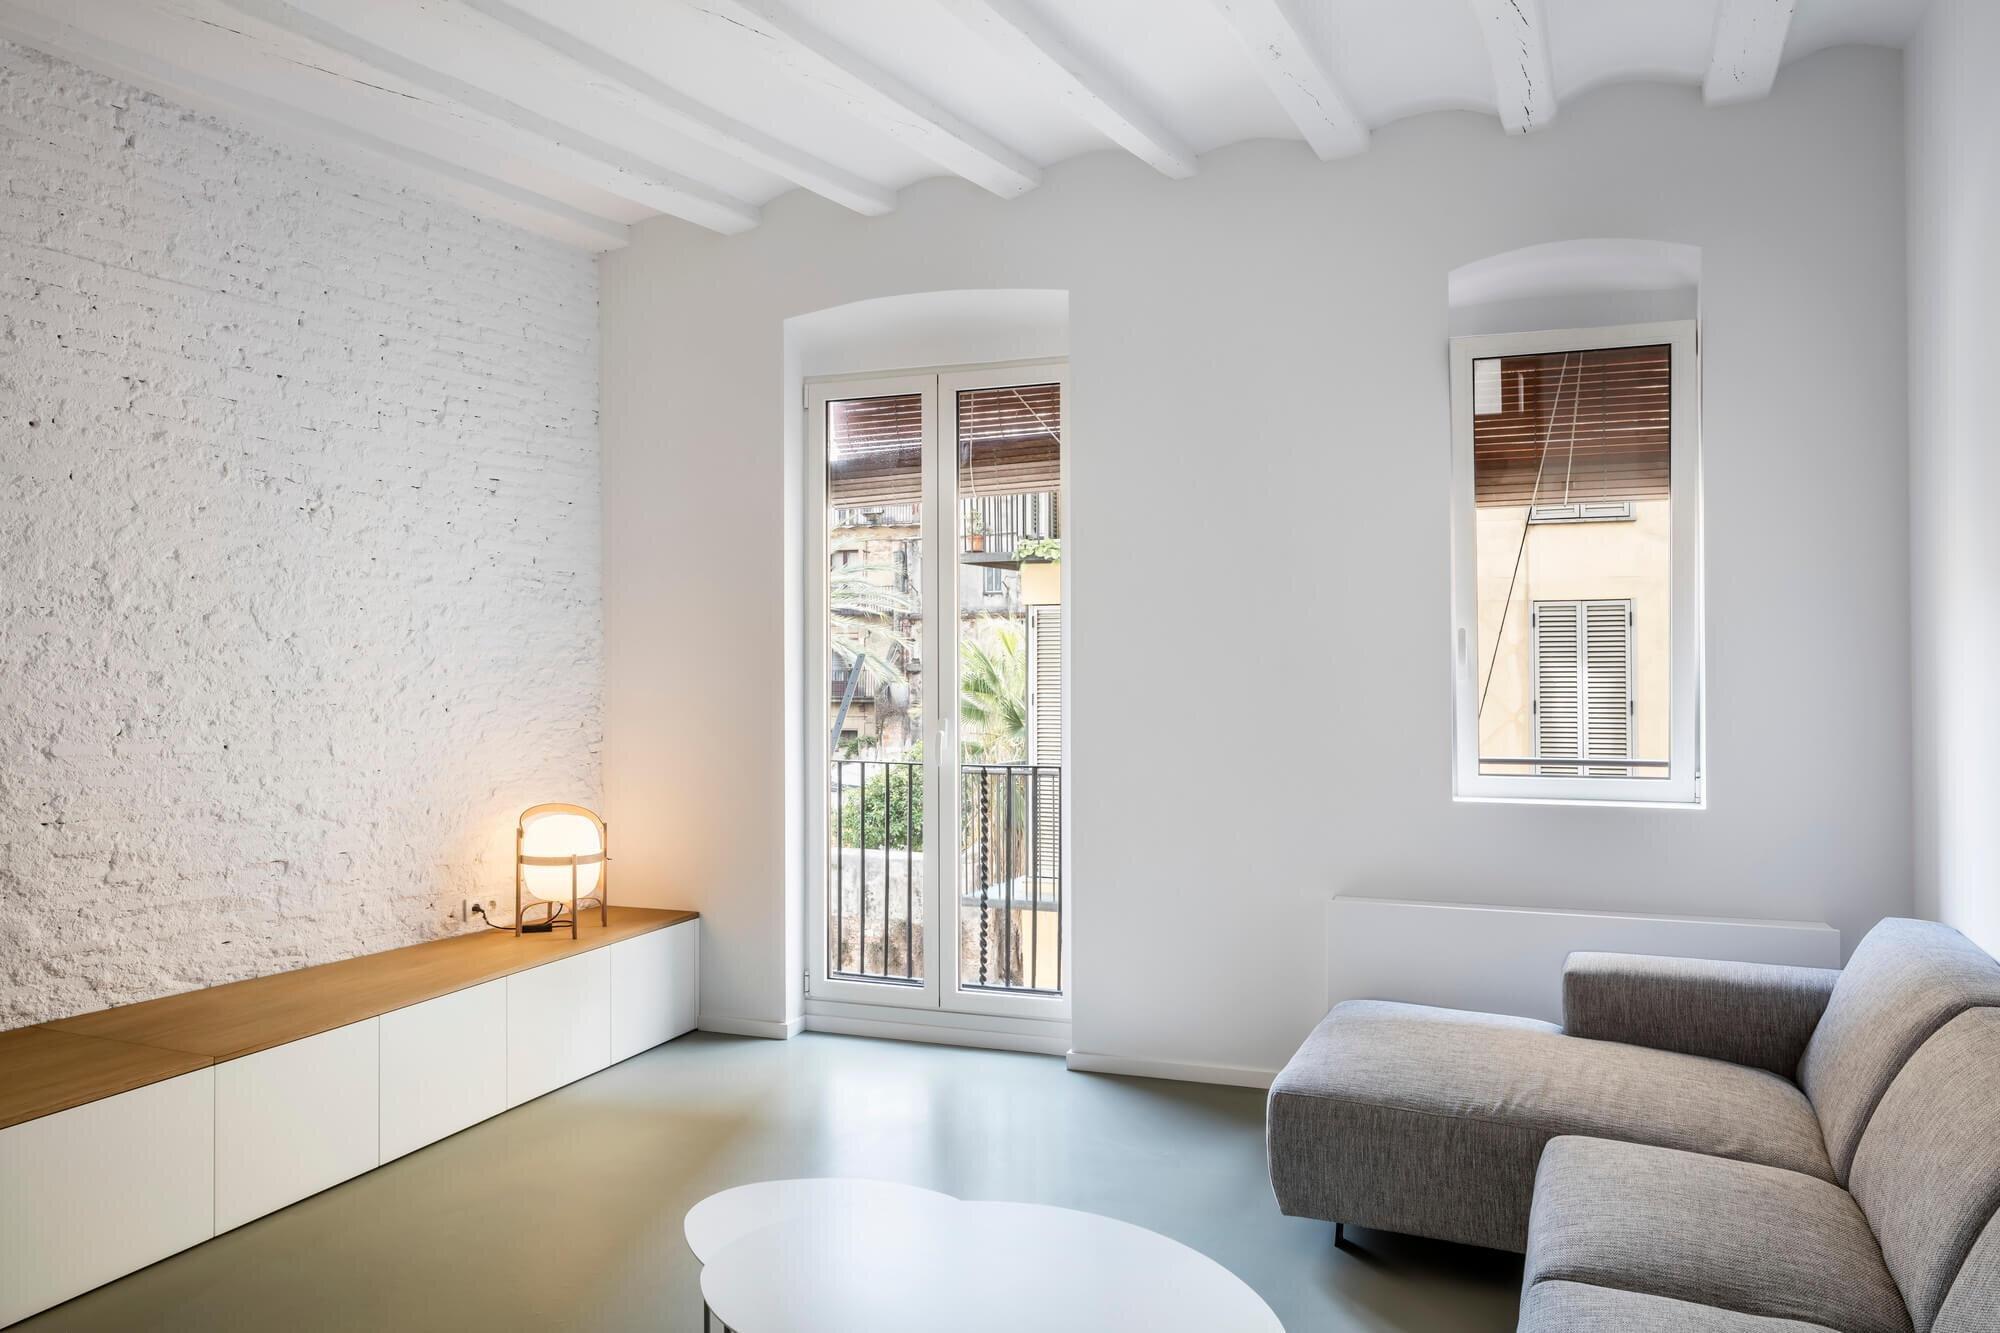 TS01-Interior-Refurbishment-Alventosa-Morell-Arquitectes-Spain-8